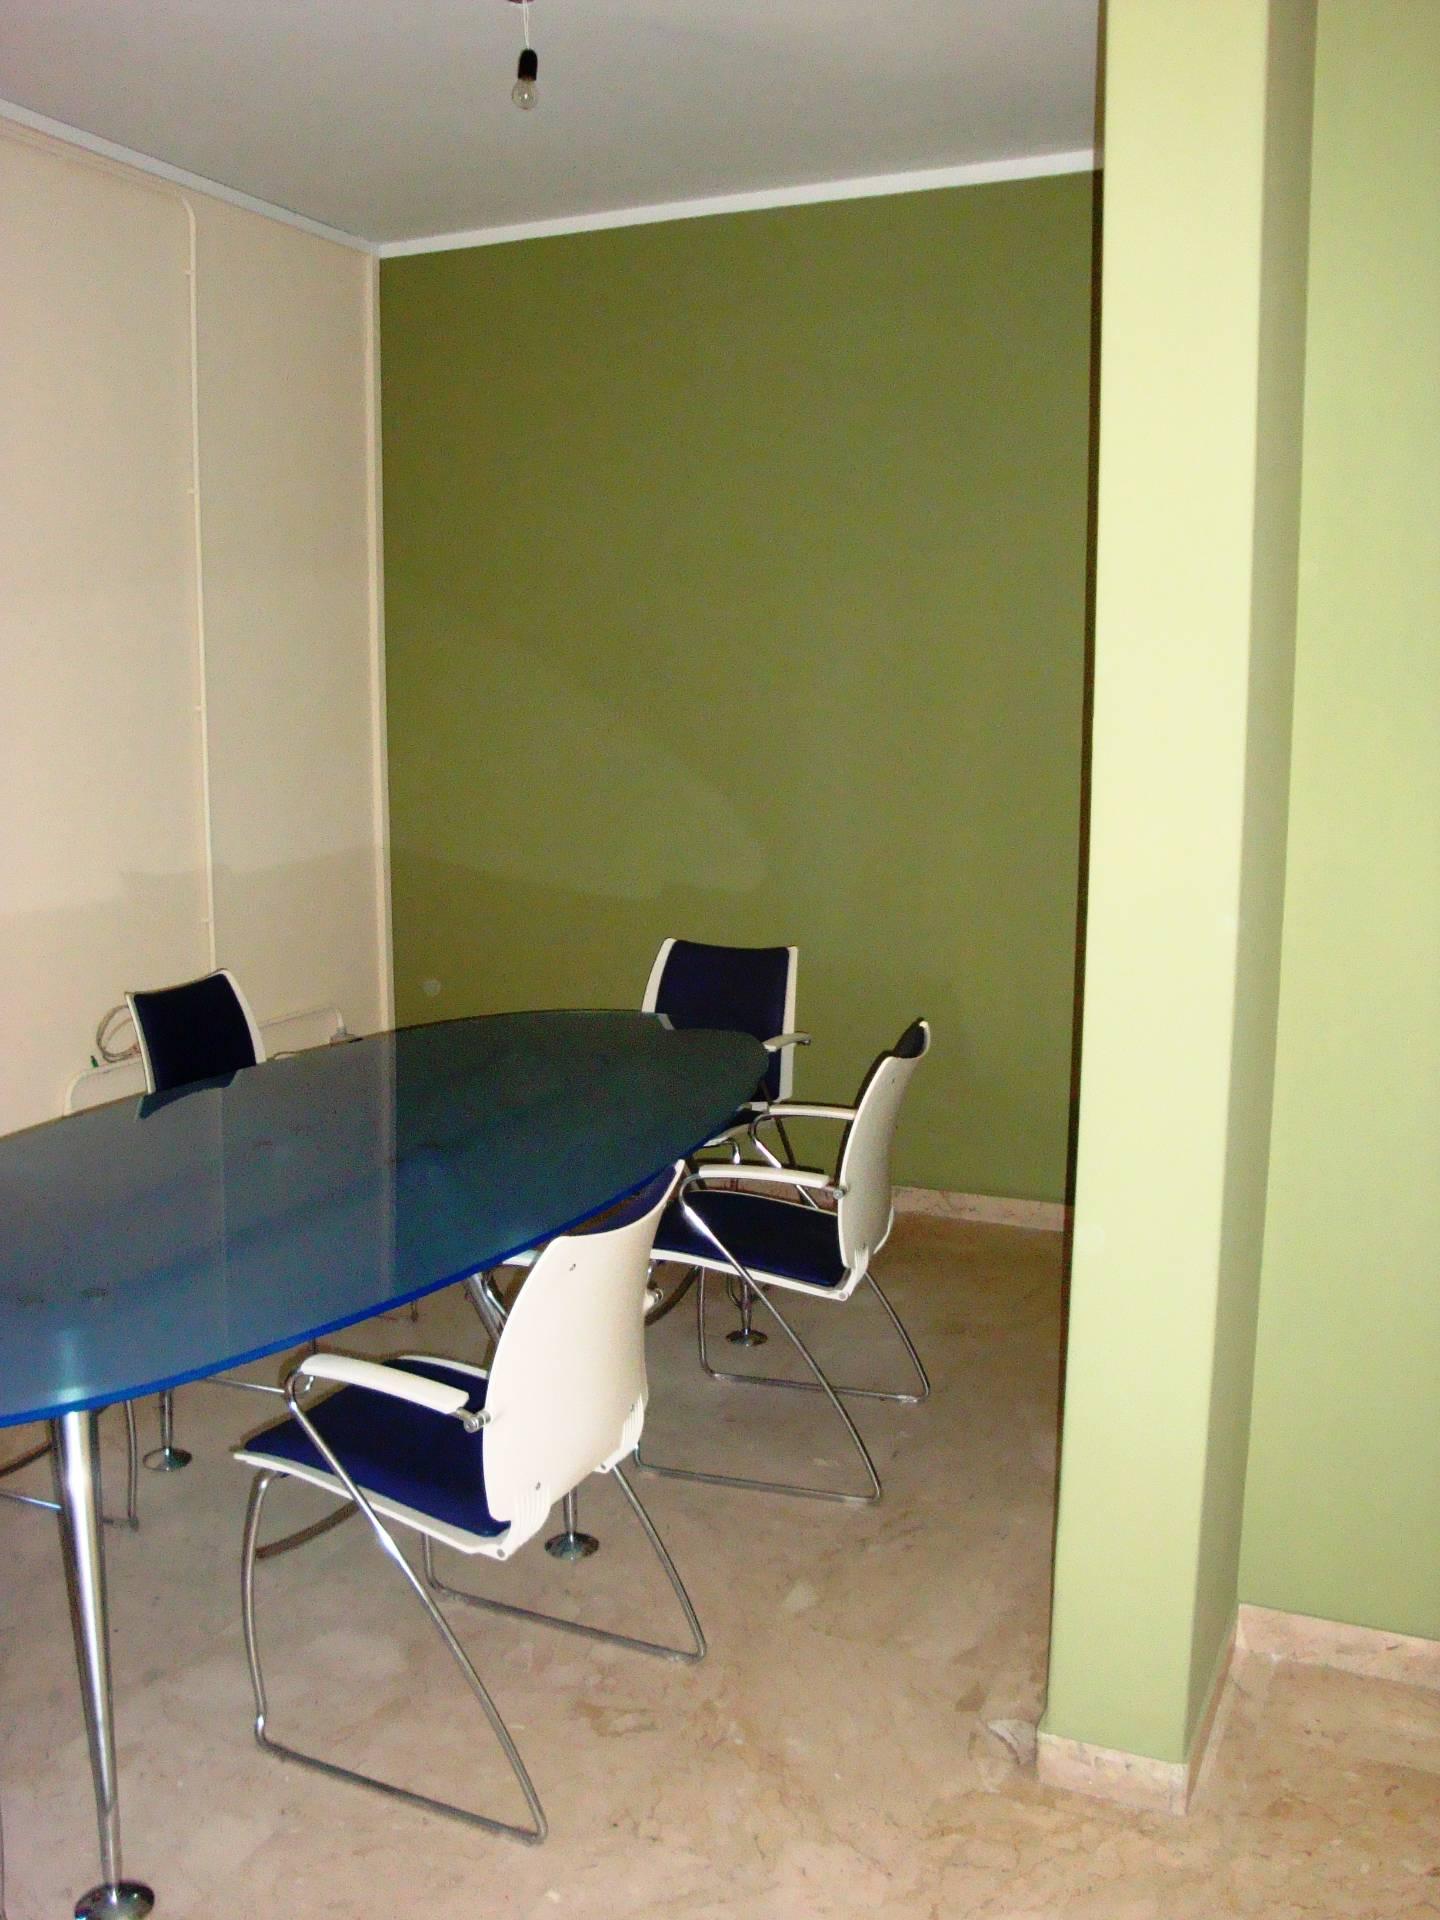 Appartamento in vendita a Siracusa, 5 locali, zona Zona: Borgata, prezzo € 120.000 | CambioCasa.it